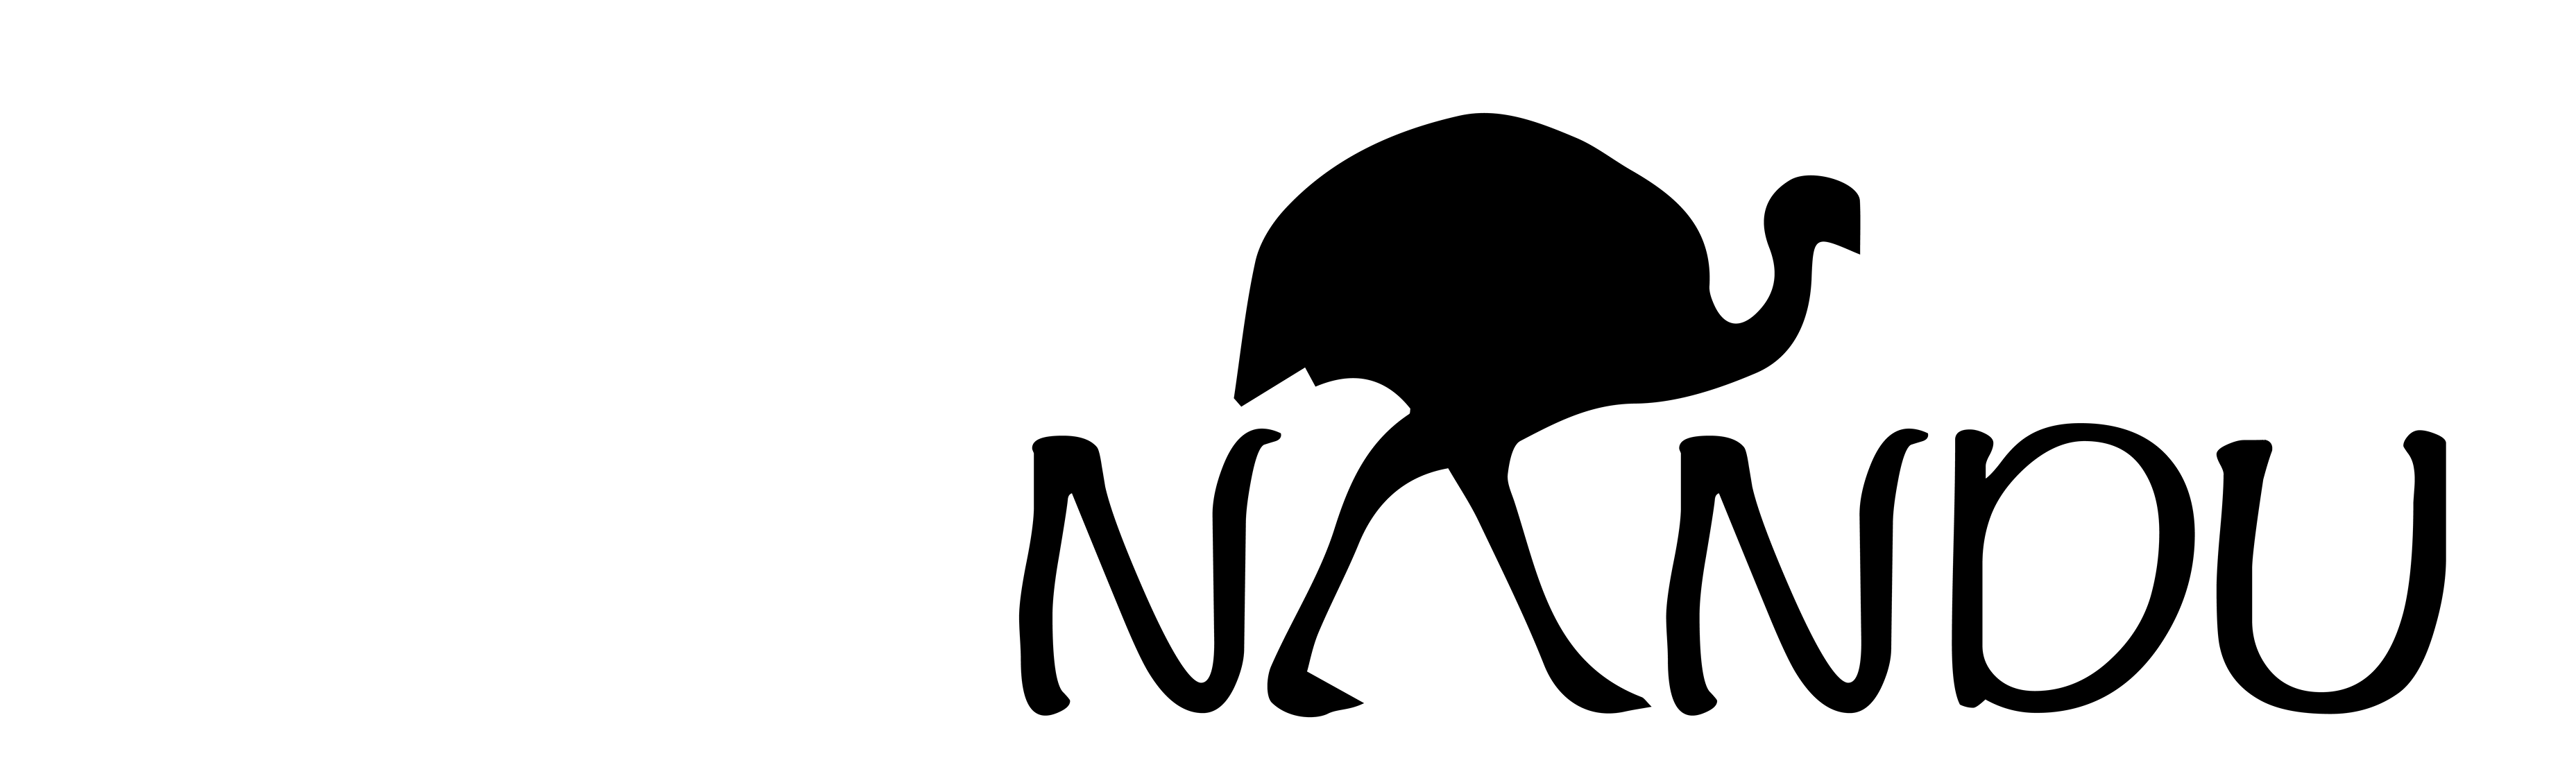 3713x1129 Emu Clipart